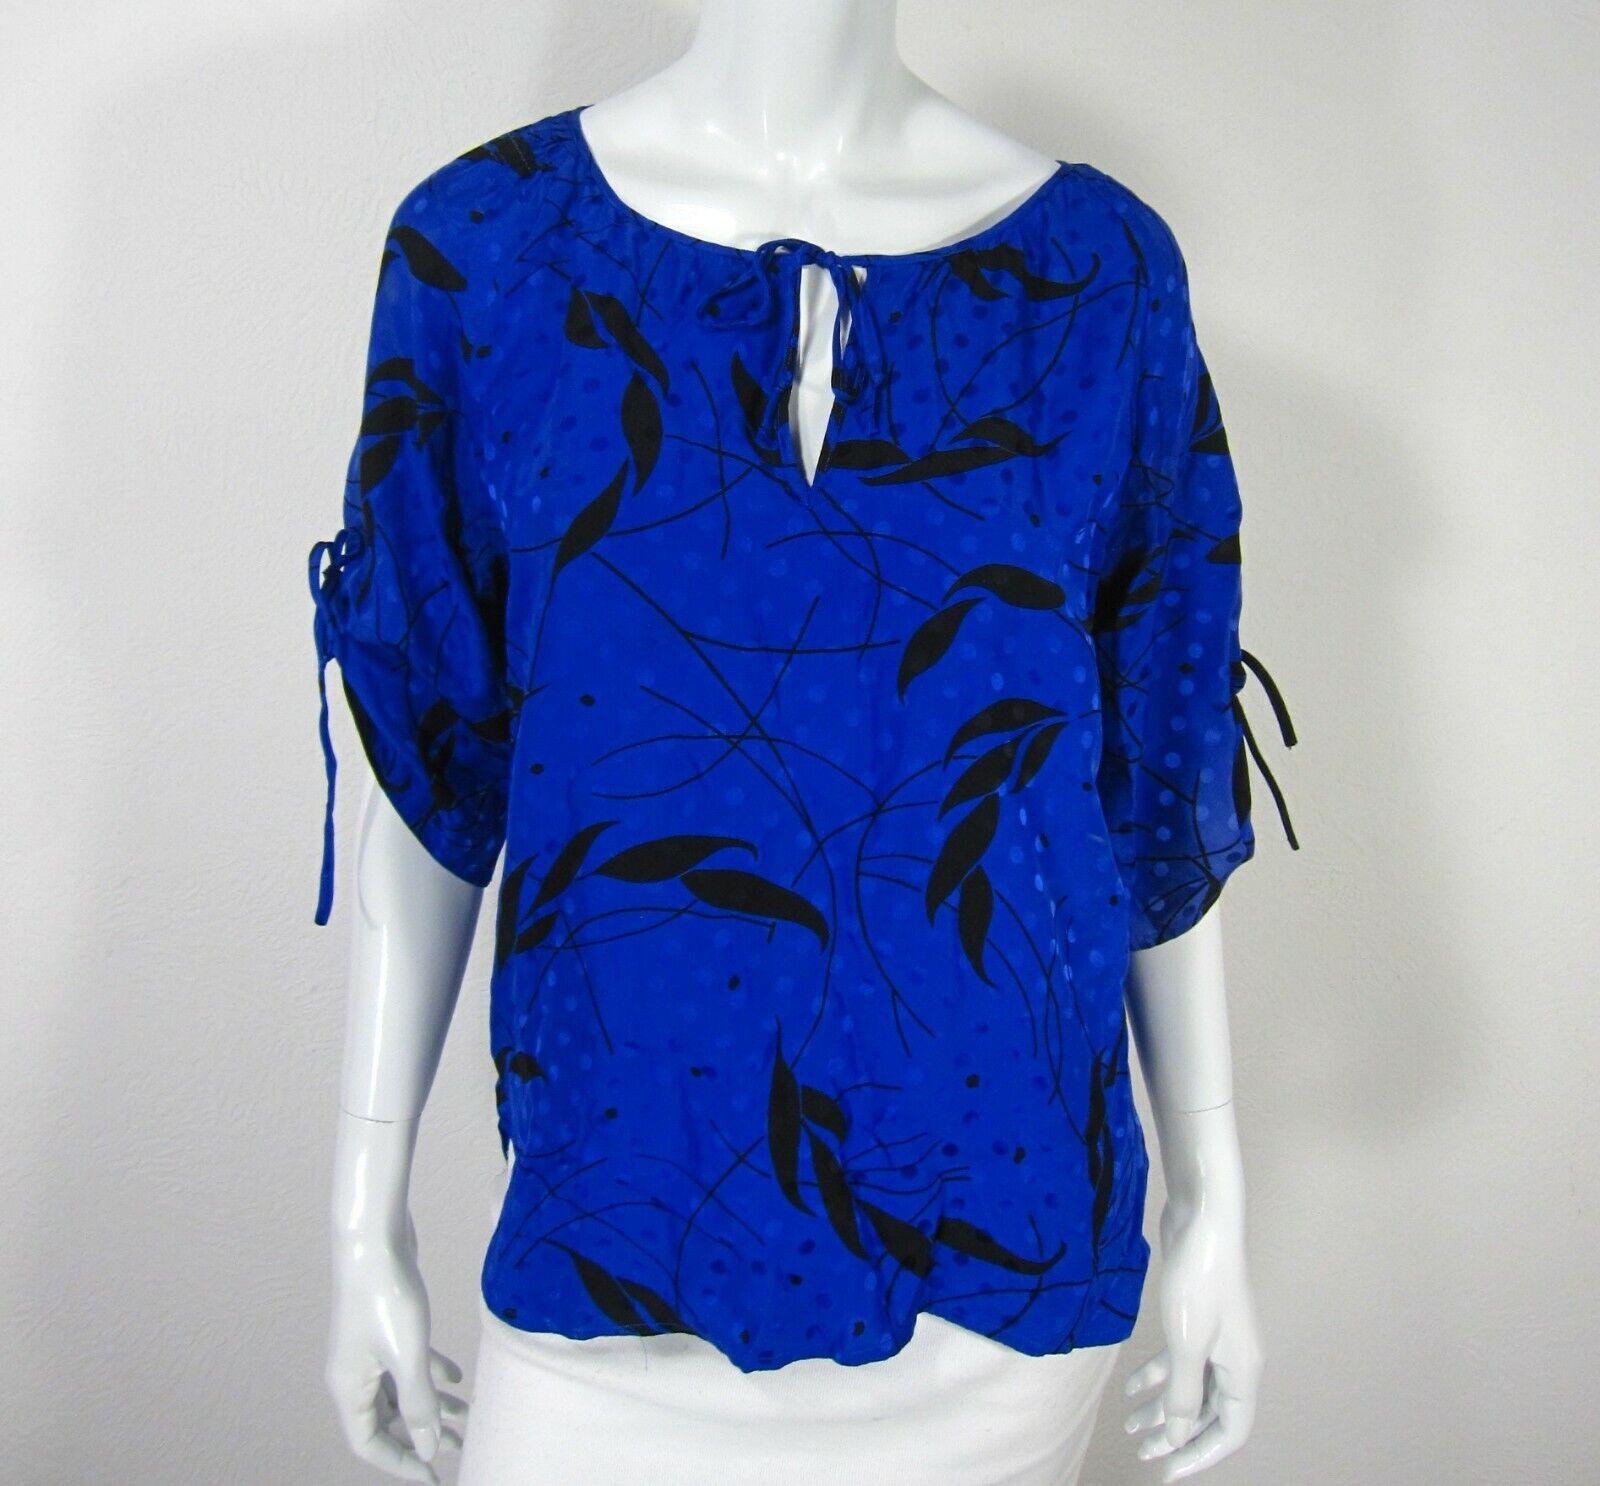 Yumi Kim Short Sleeve Blouse Top Crew Neckline Größe M Medium Blau schwarz